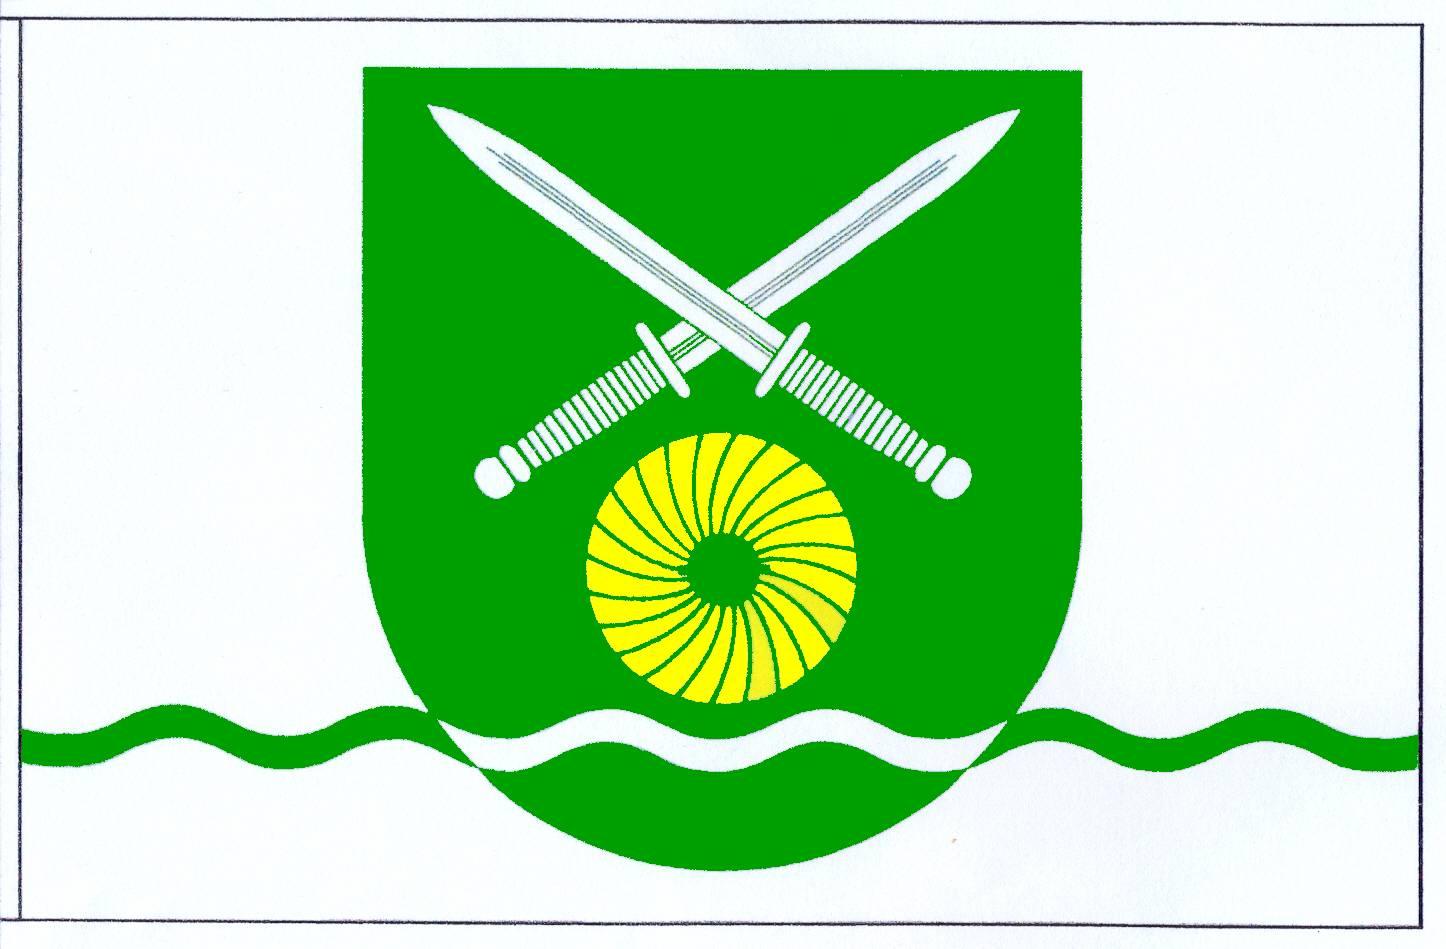 Flagge GemeindeHadenfeld, Kreis Steinburg